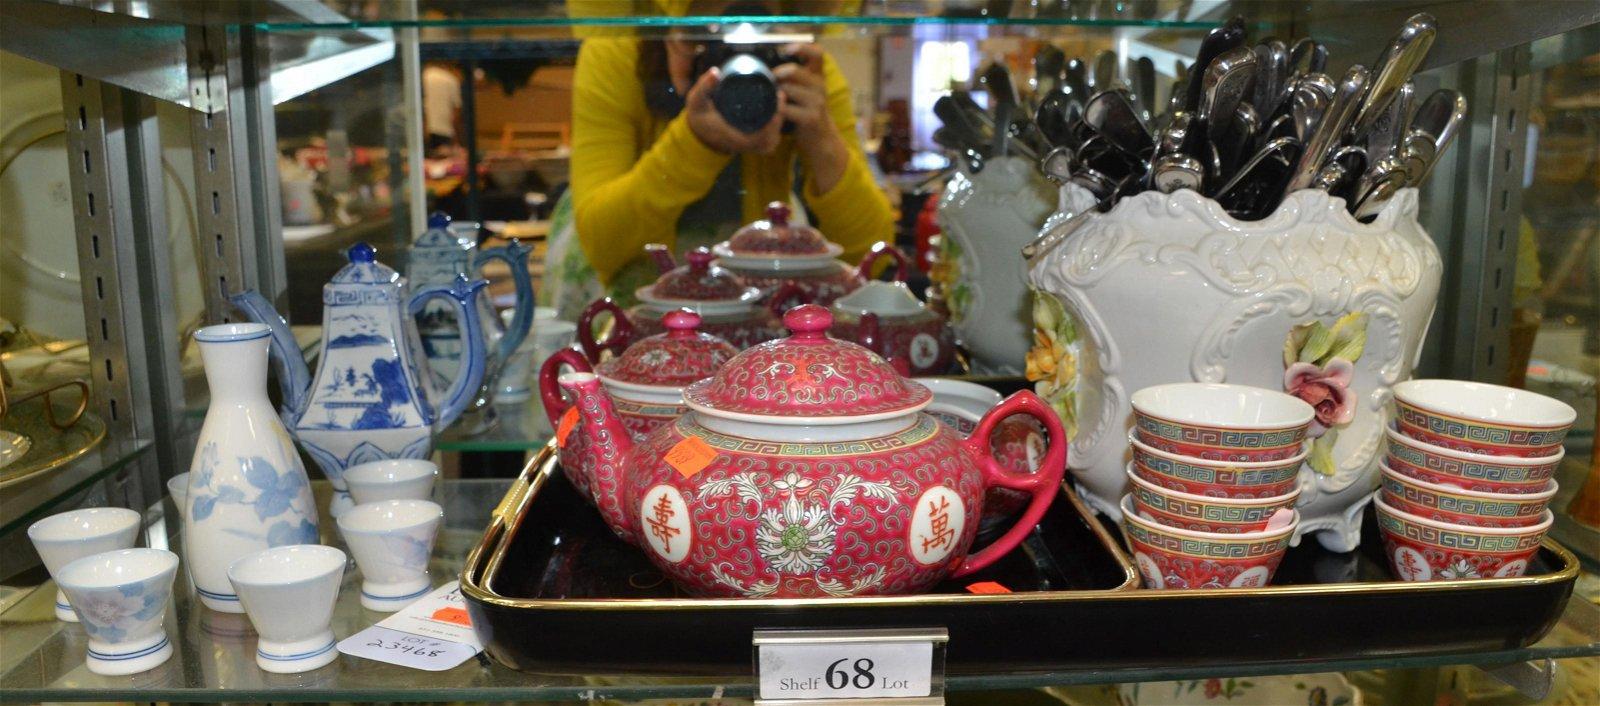 Shelf #68 - Chinese Items and Utensils